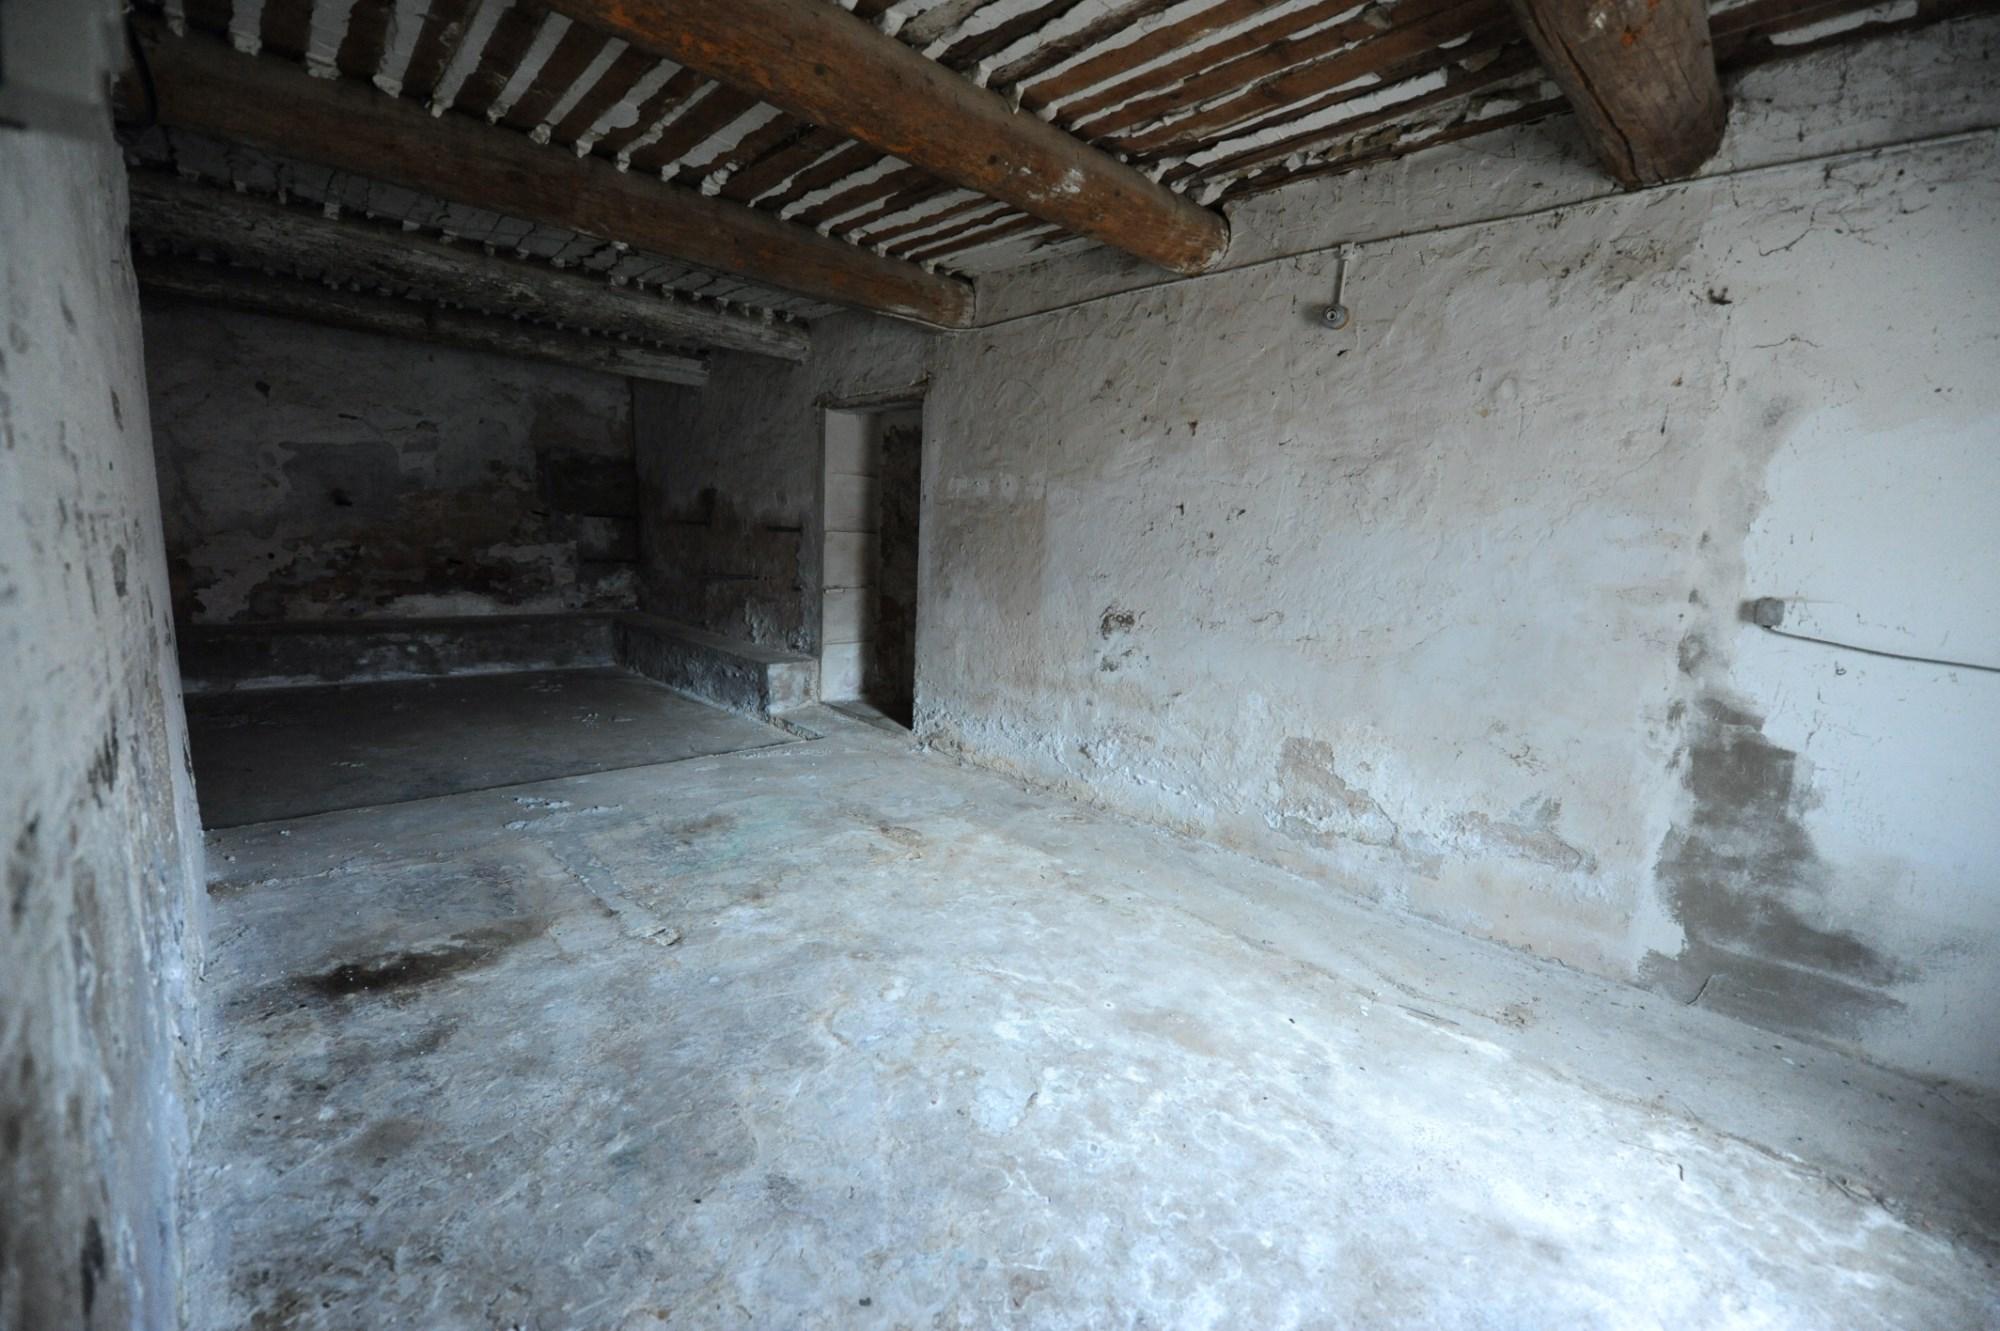 Luberon, à vendre,  propriété du XIXème siècle, partiellement restaurée,   sur parc d'un hectare